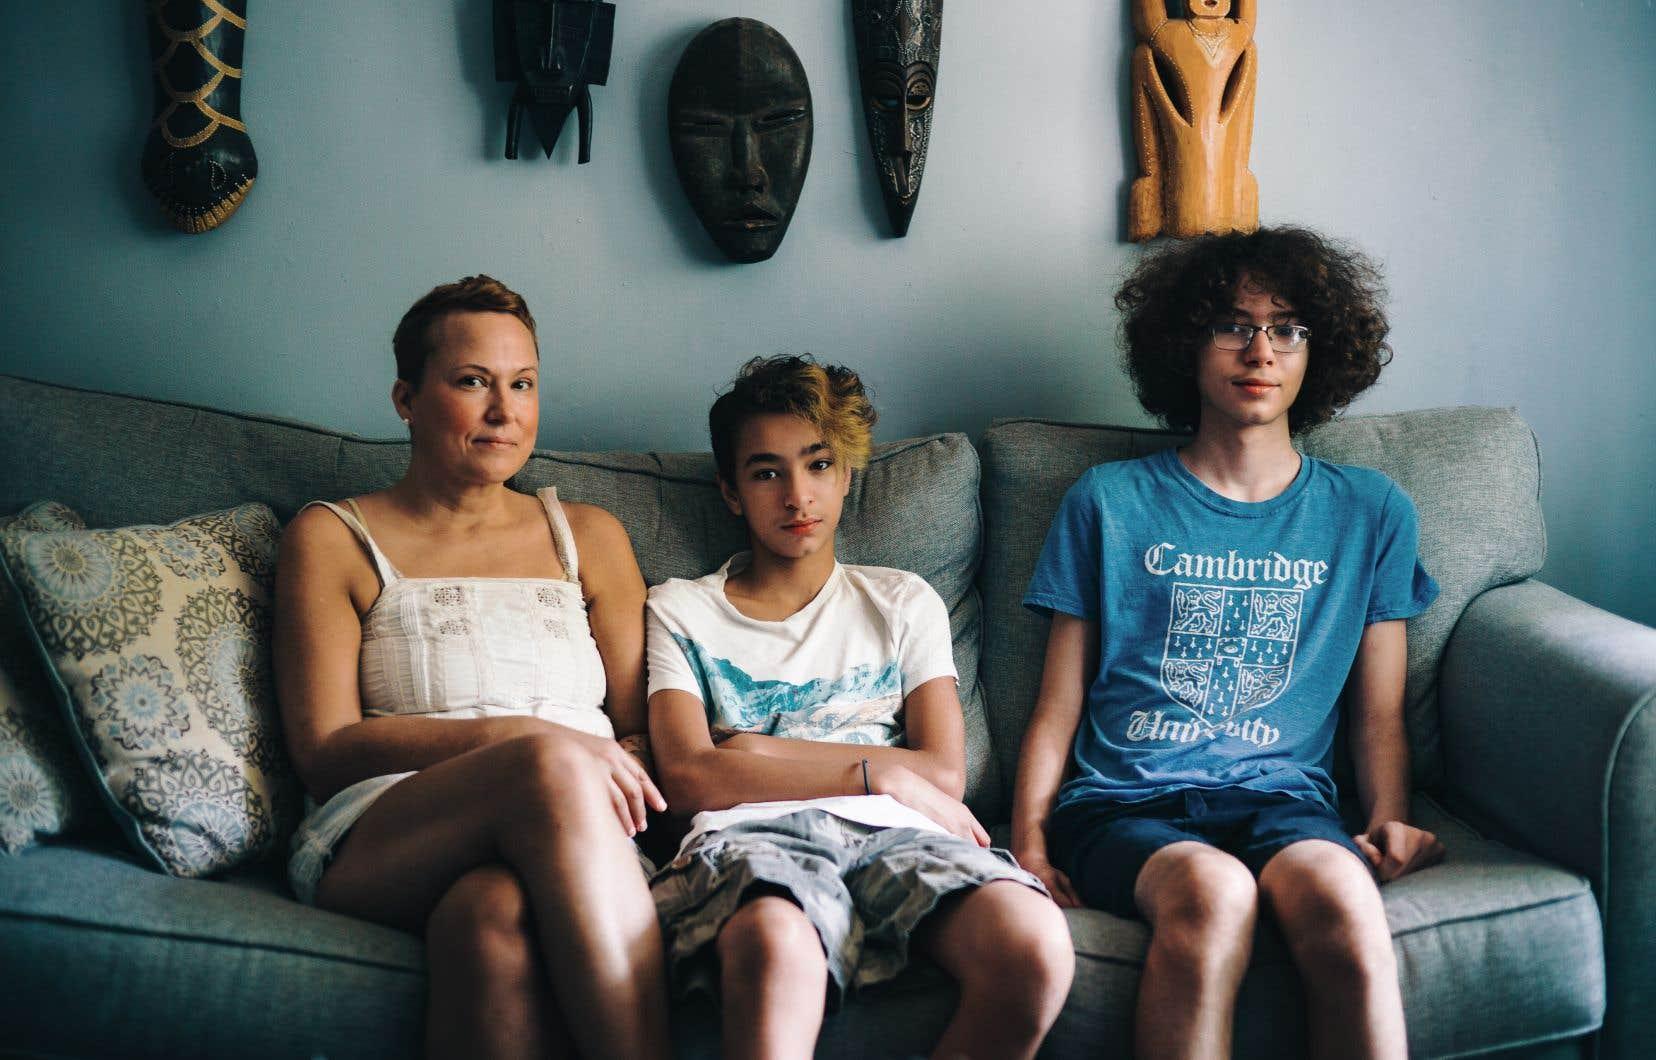 Nathalie Laurencelle ignore comment se fera la scolarisation de ses deux garçons autistes, Malik et Wissem, dans le contexte de la pandémie. Les deux jeunes entreront en première secondaire à l'école Sophie-Barat dans deux semaines.